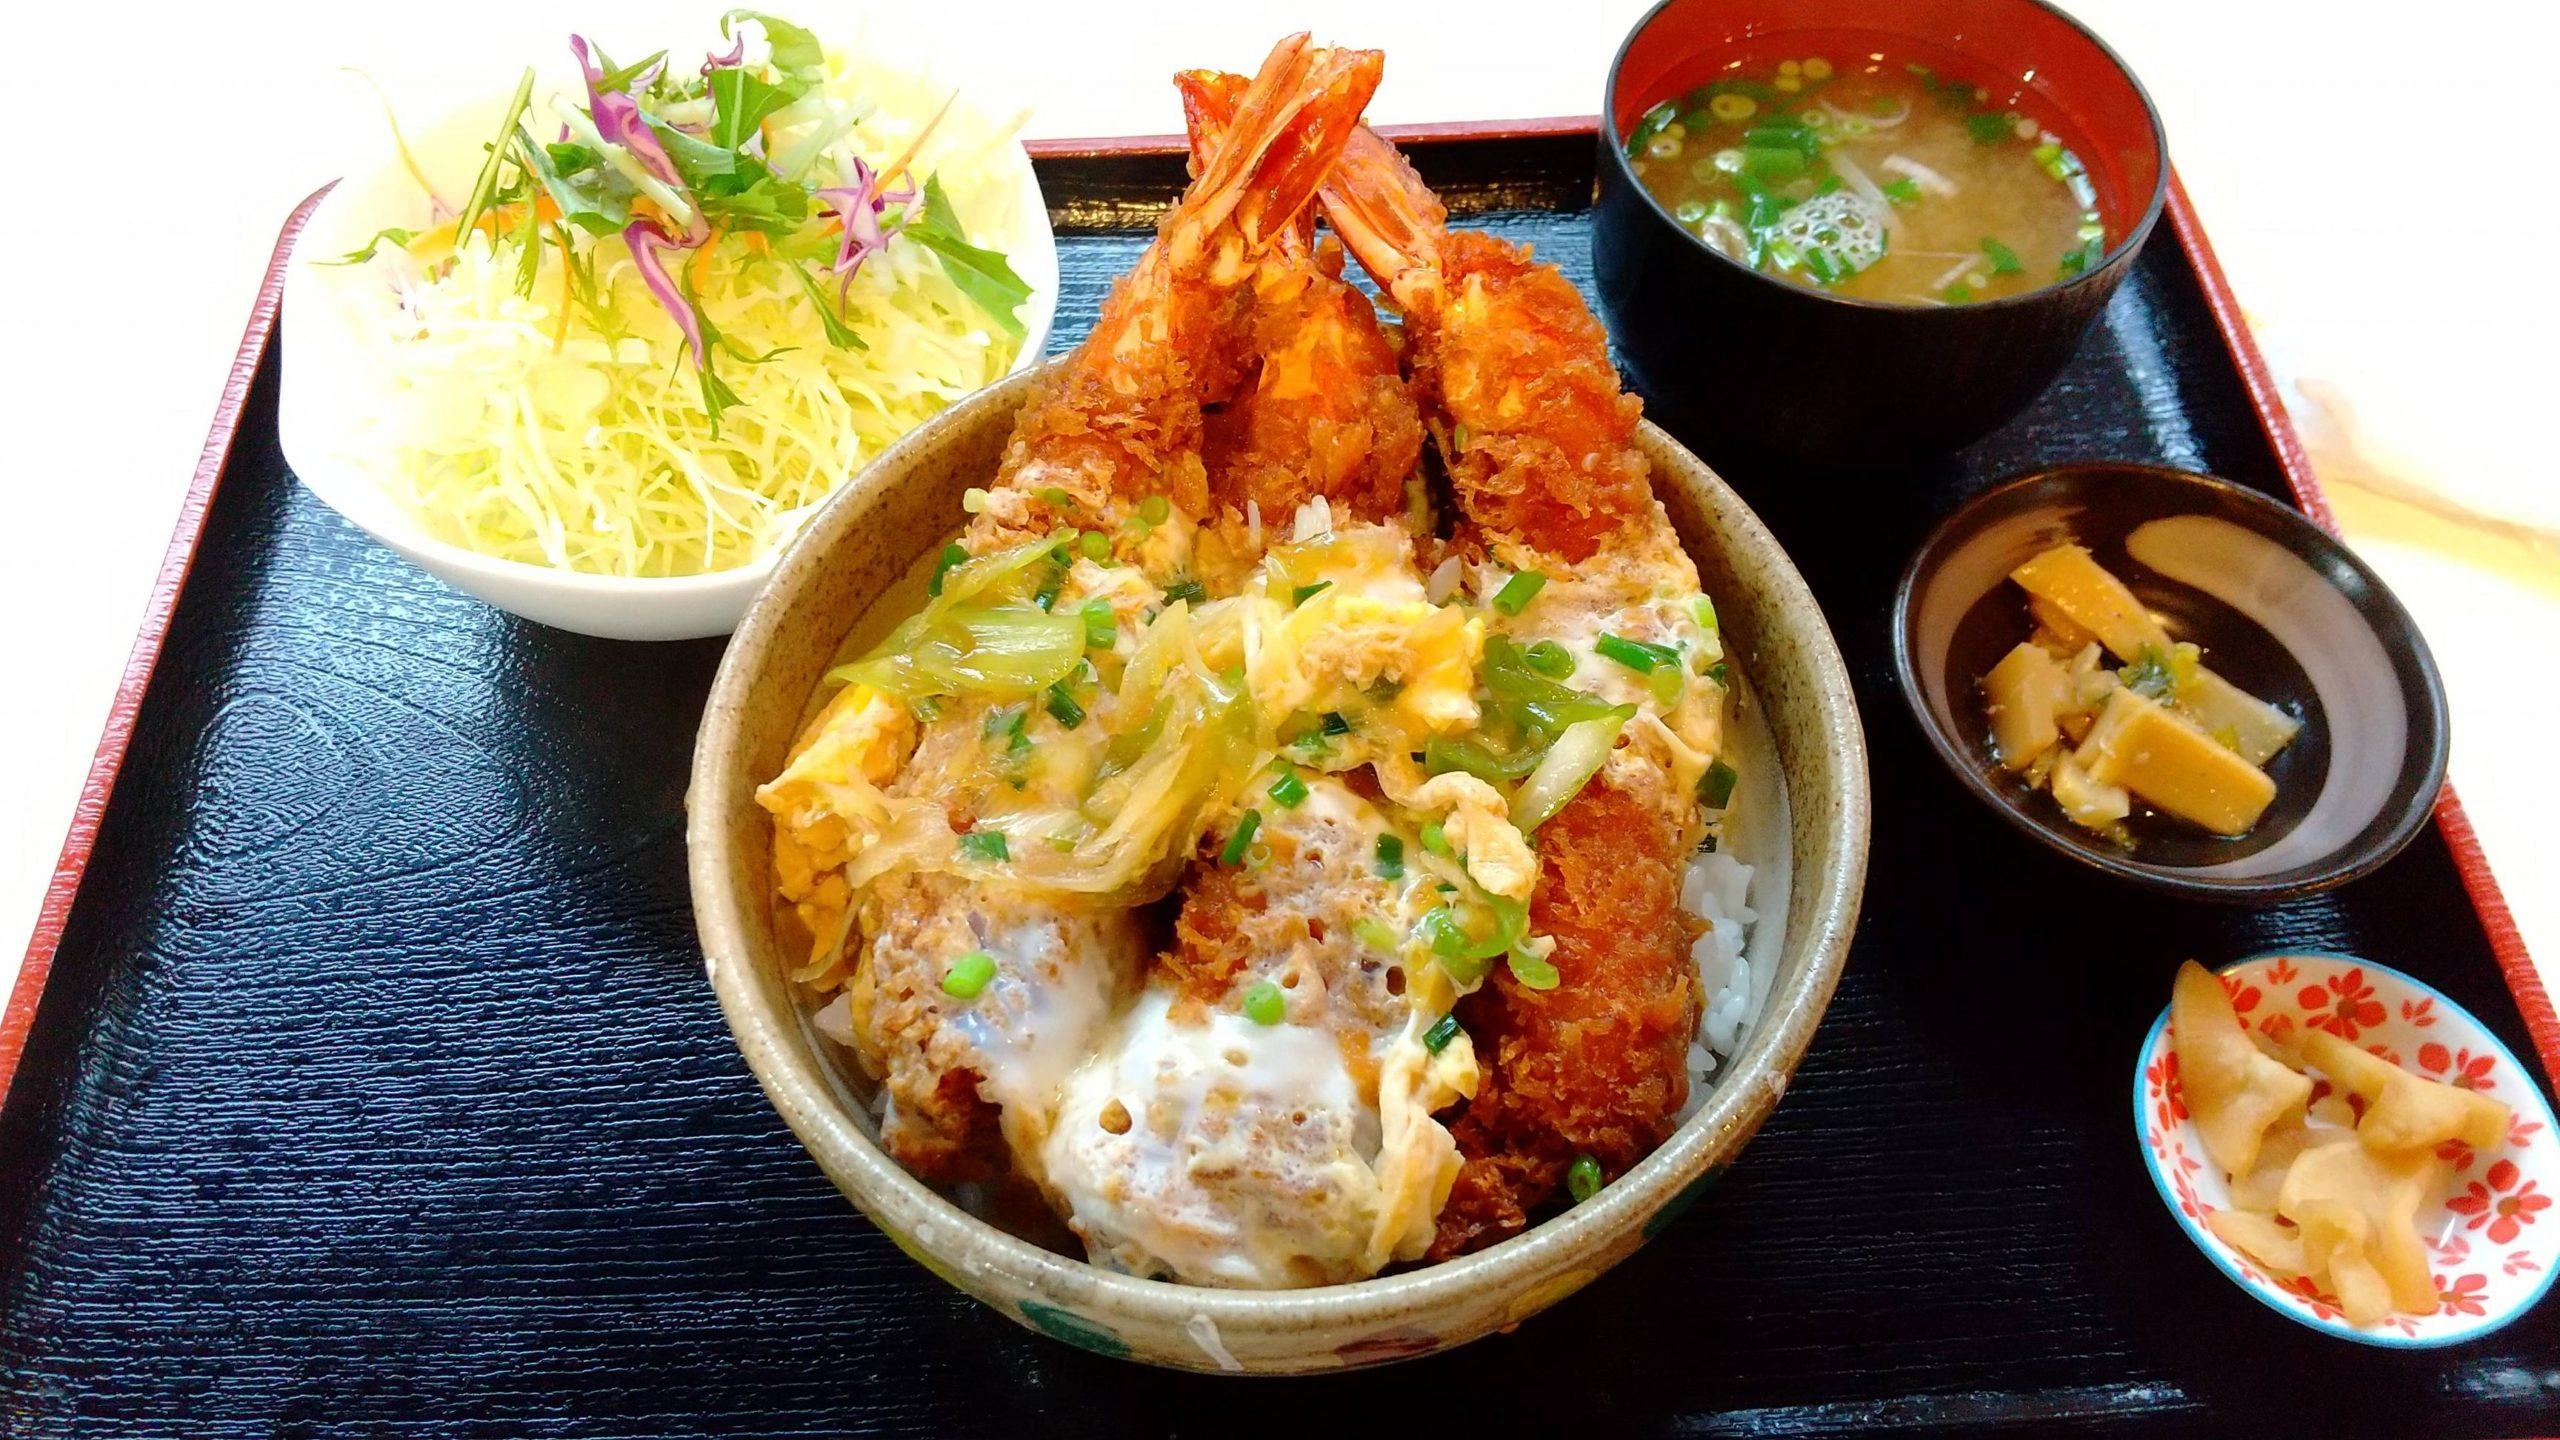 1900円のエビ丼食べてきた